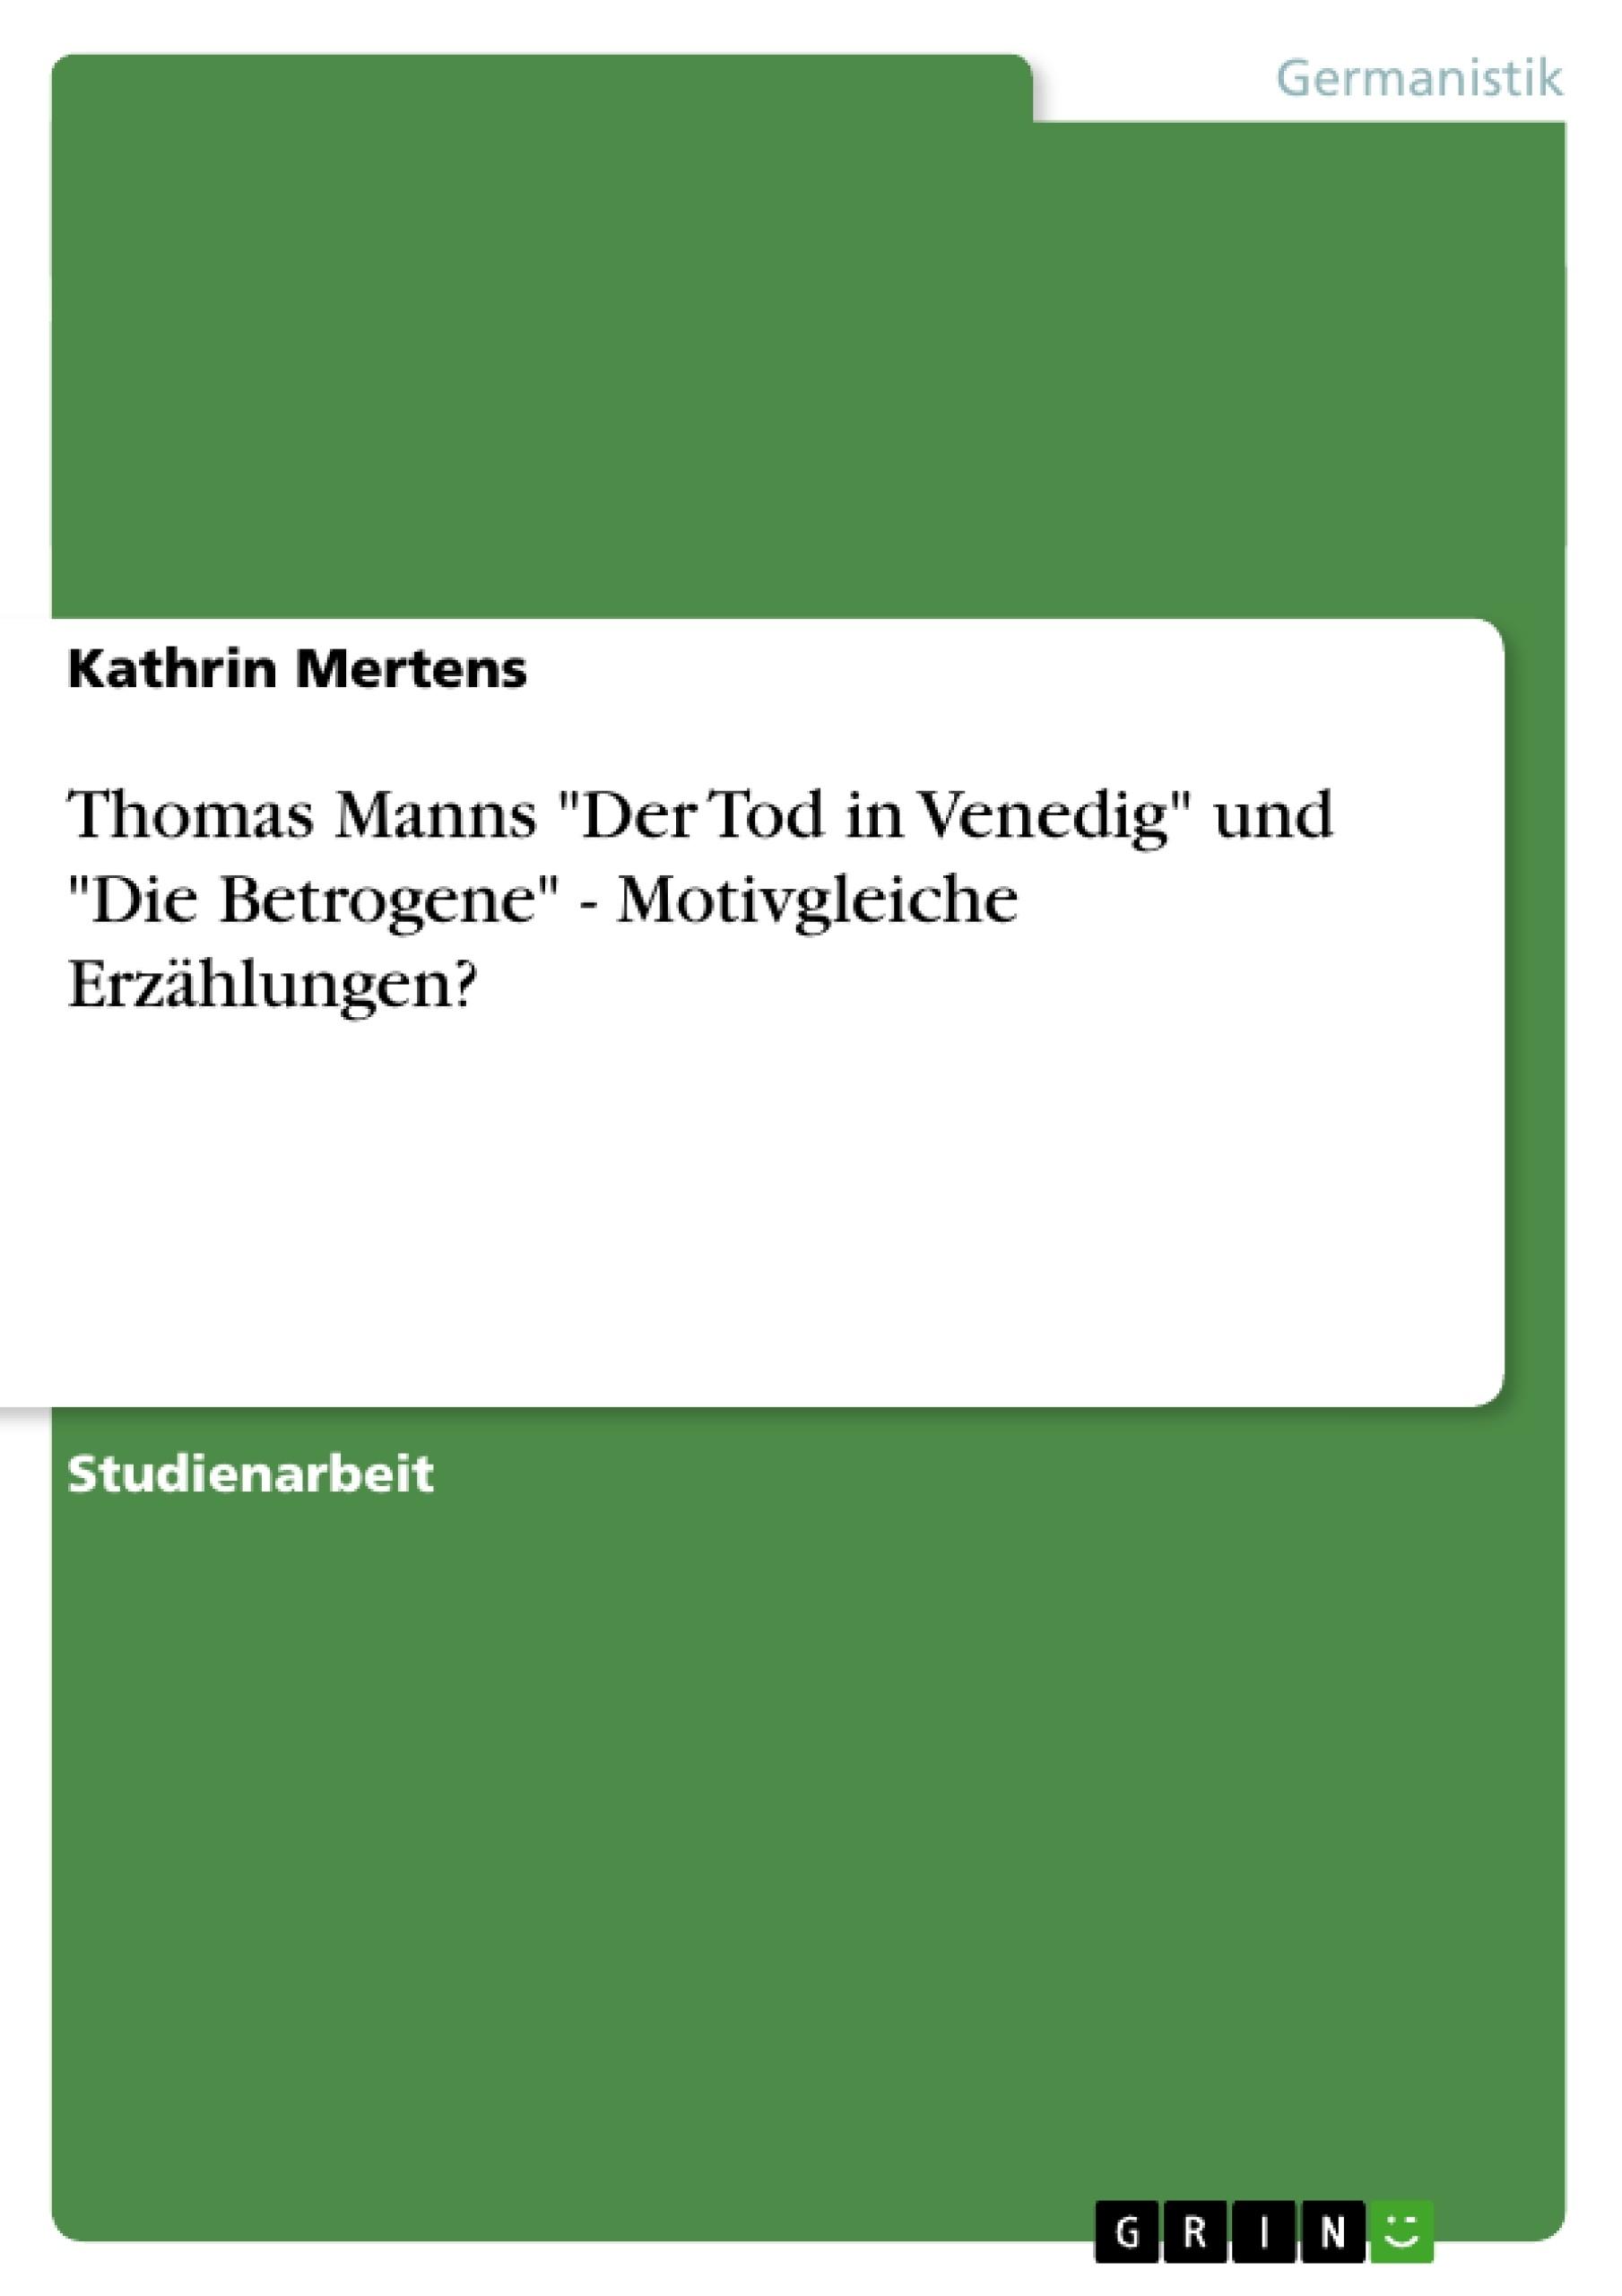 """Titel: Thomas Manns """"Der Tod in Venedig"""" und """"Die Betrogene"""" - Motivgleiche Erzählungen?"""